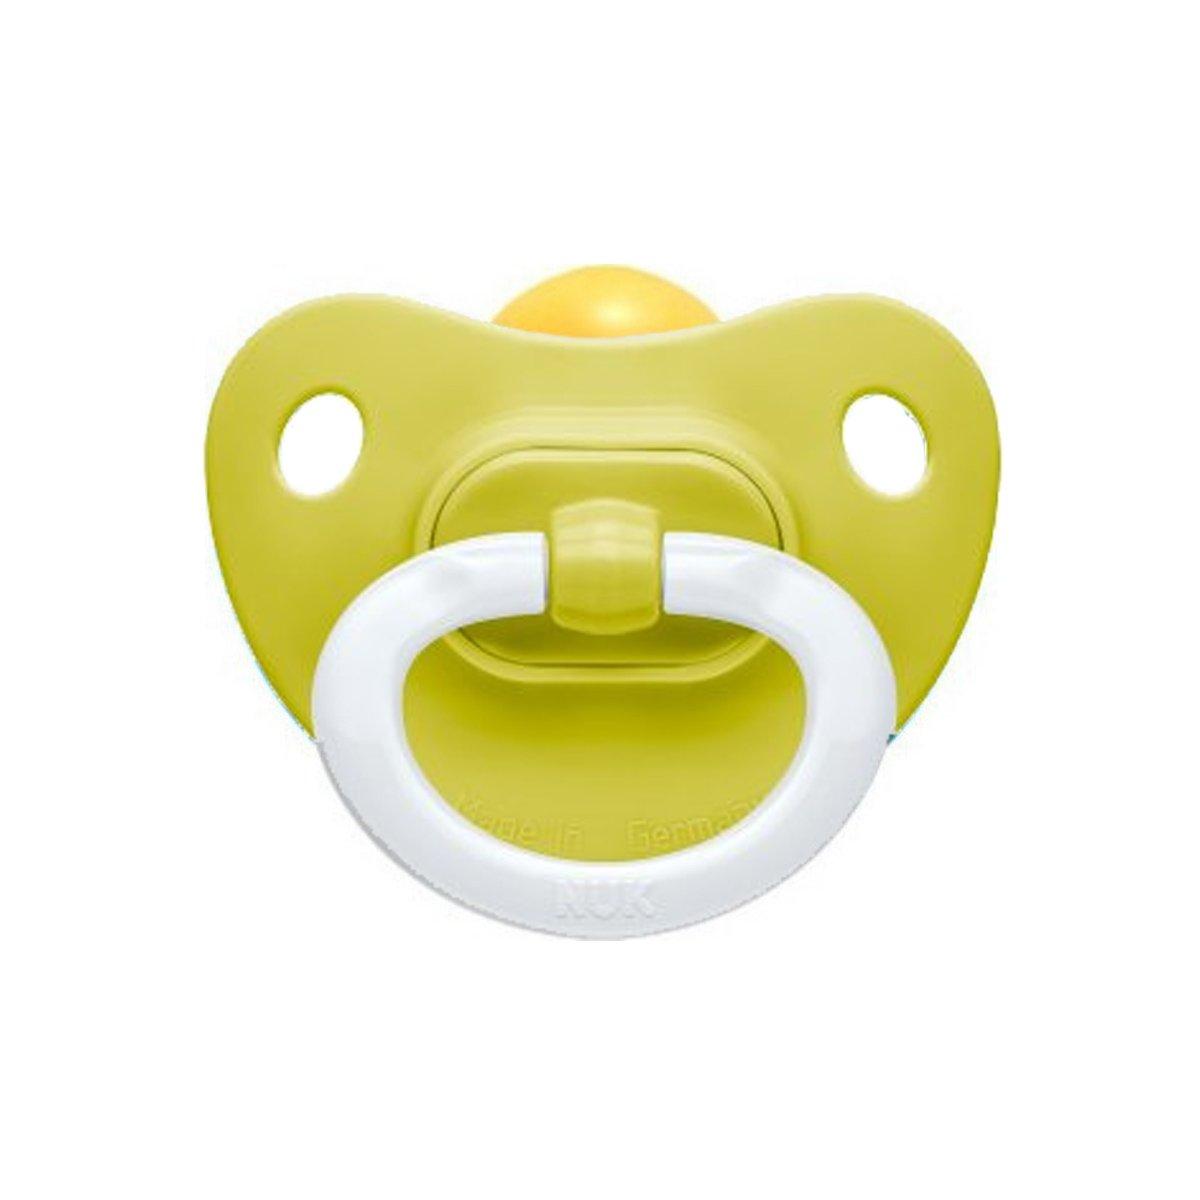 Nuk Classic Soft Πιπίλα Καουτσούκ 1 Τεμάχιο – 18-36 Μηνών Πράσινη